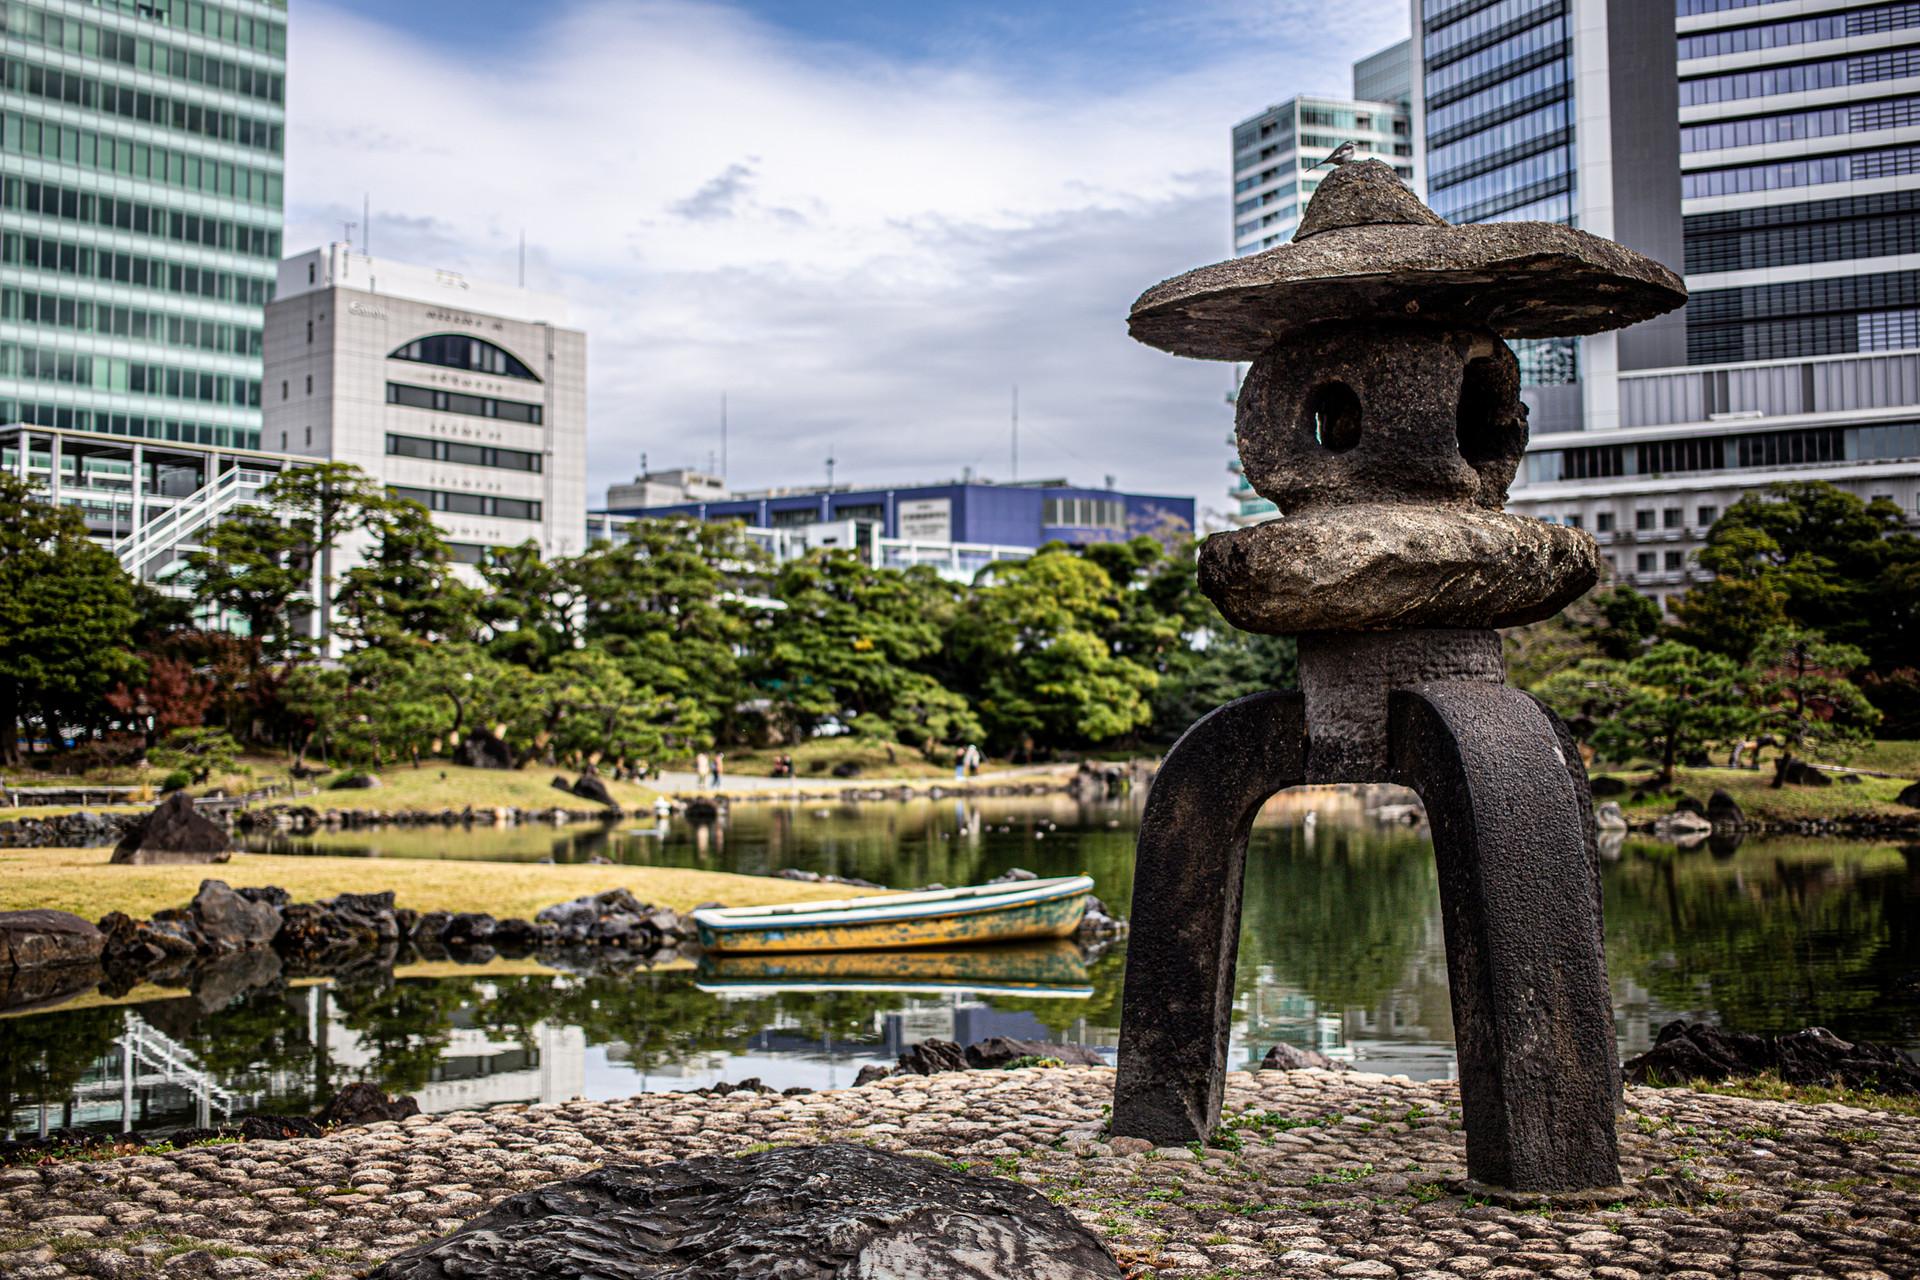 Kyu-Shiba-Rikyu Gardens. Minato, Tokyo.